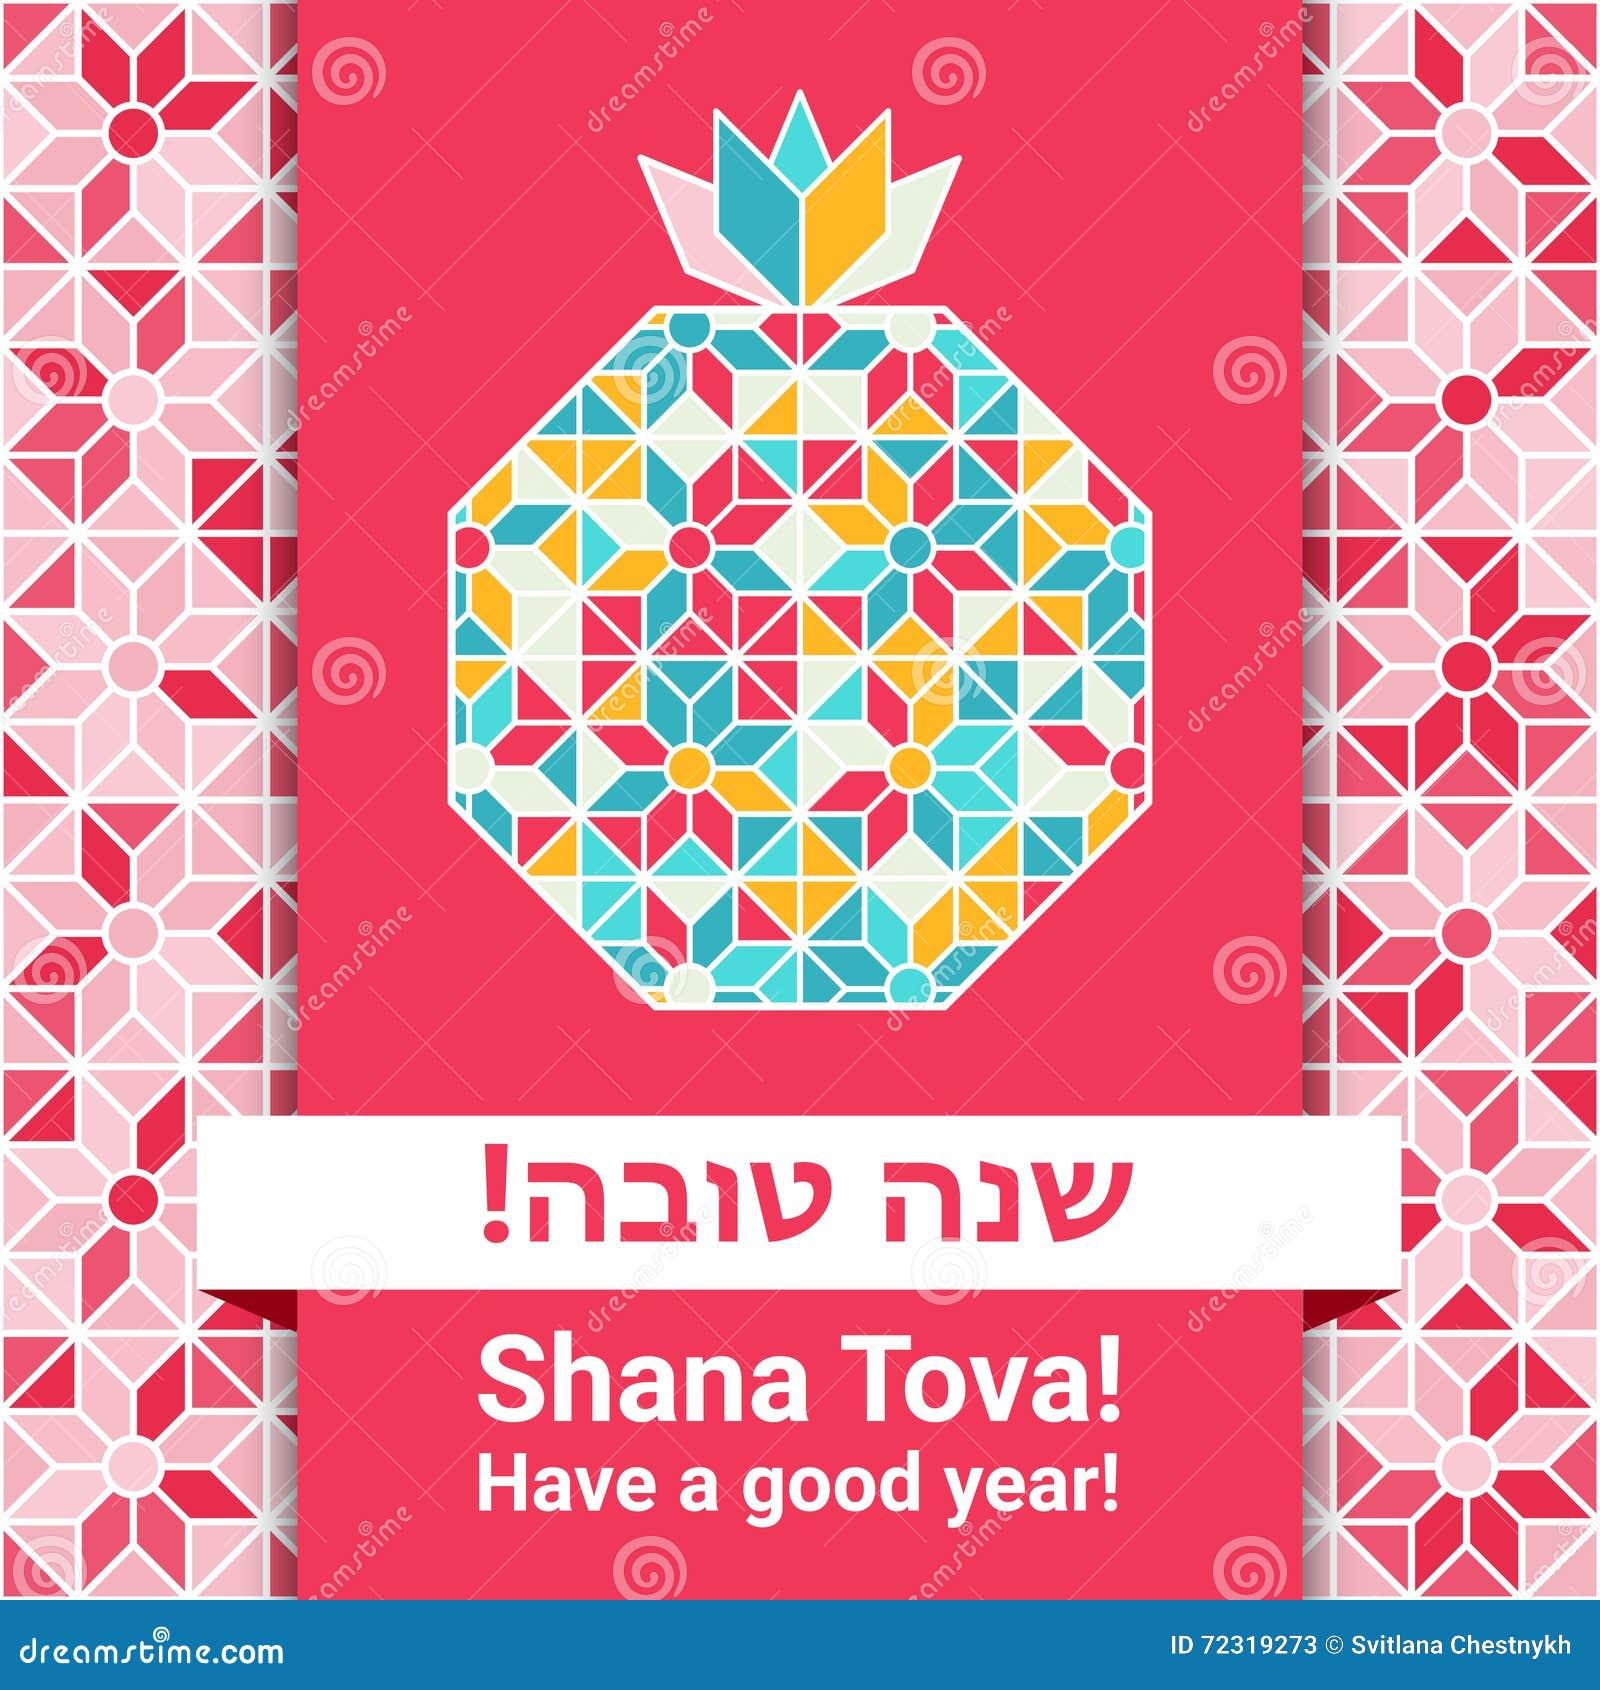 Rosh hashana greeting card shana tova stock vector rosh hashana greeting card shana tova kristyandbryce Images